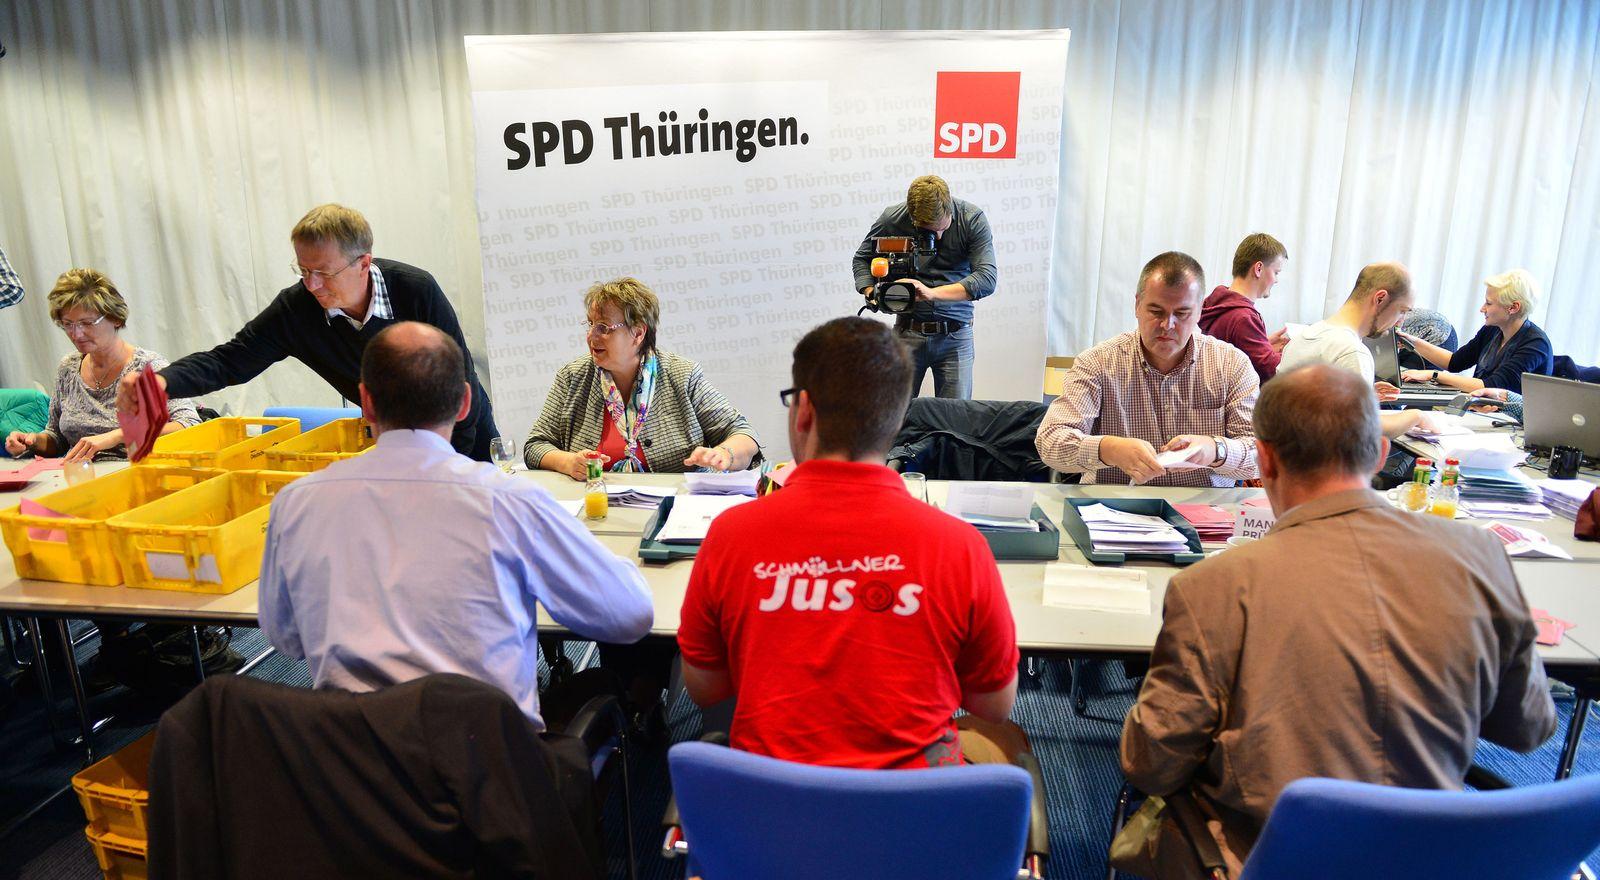 SPD / Thüringen